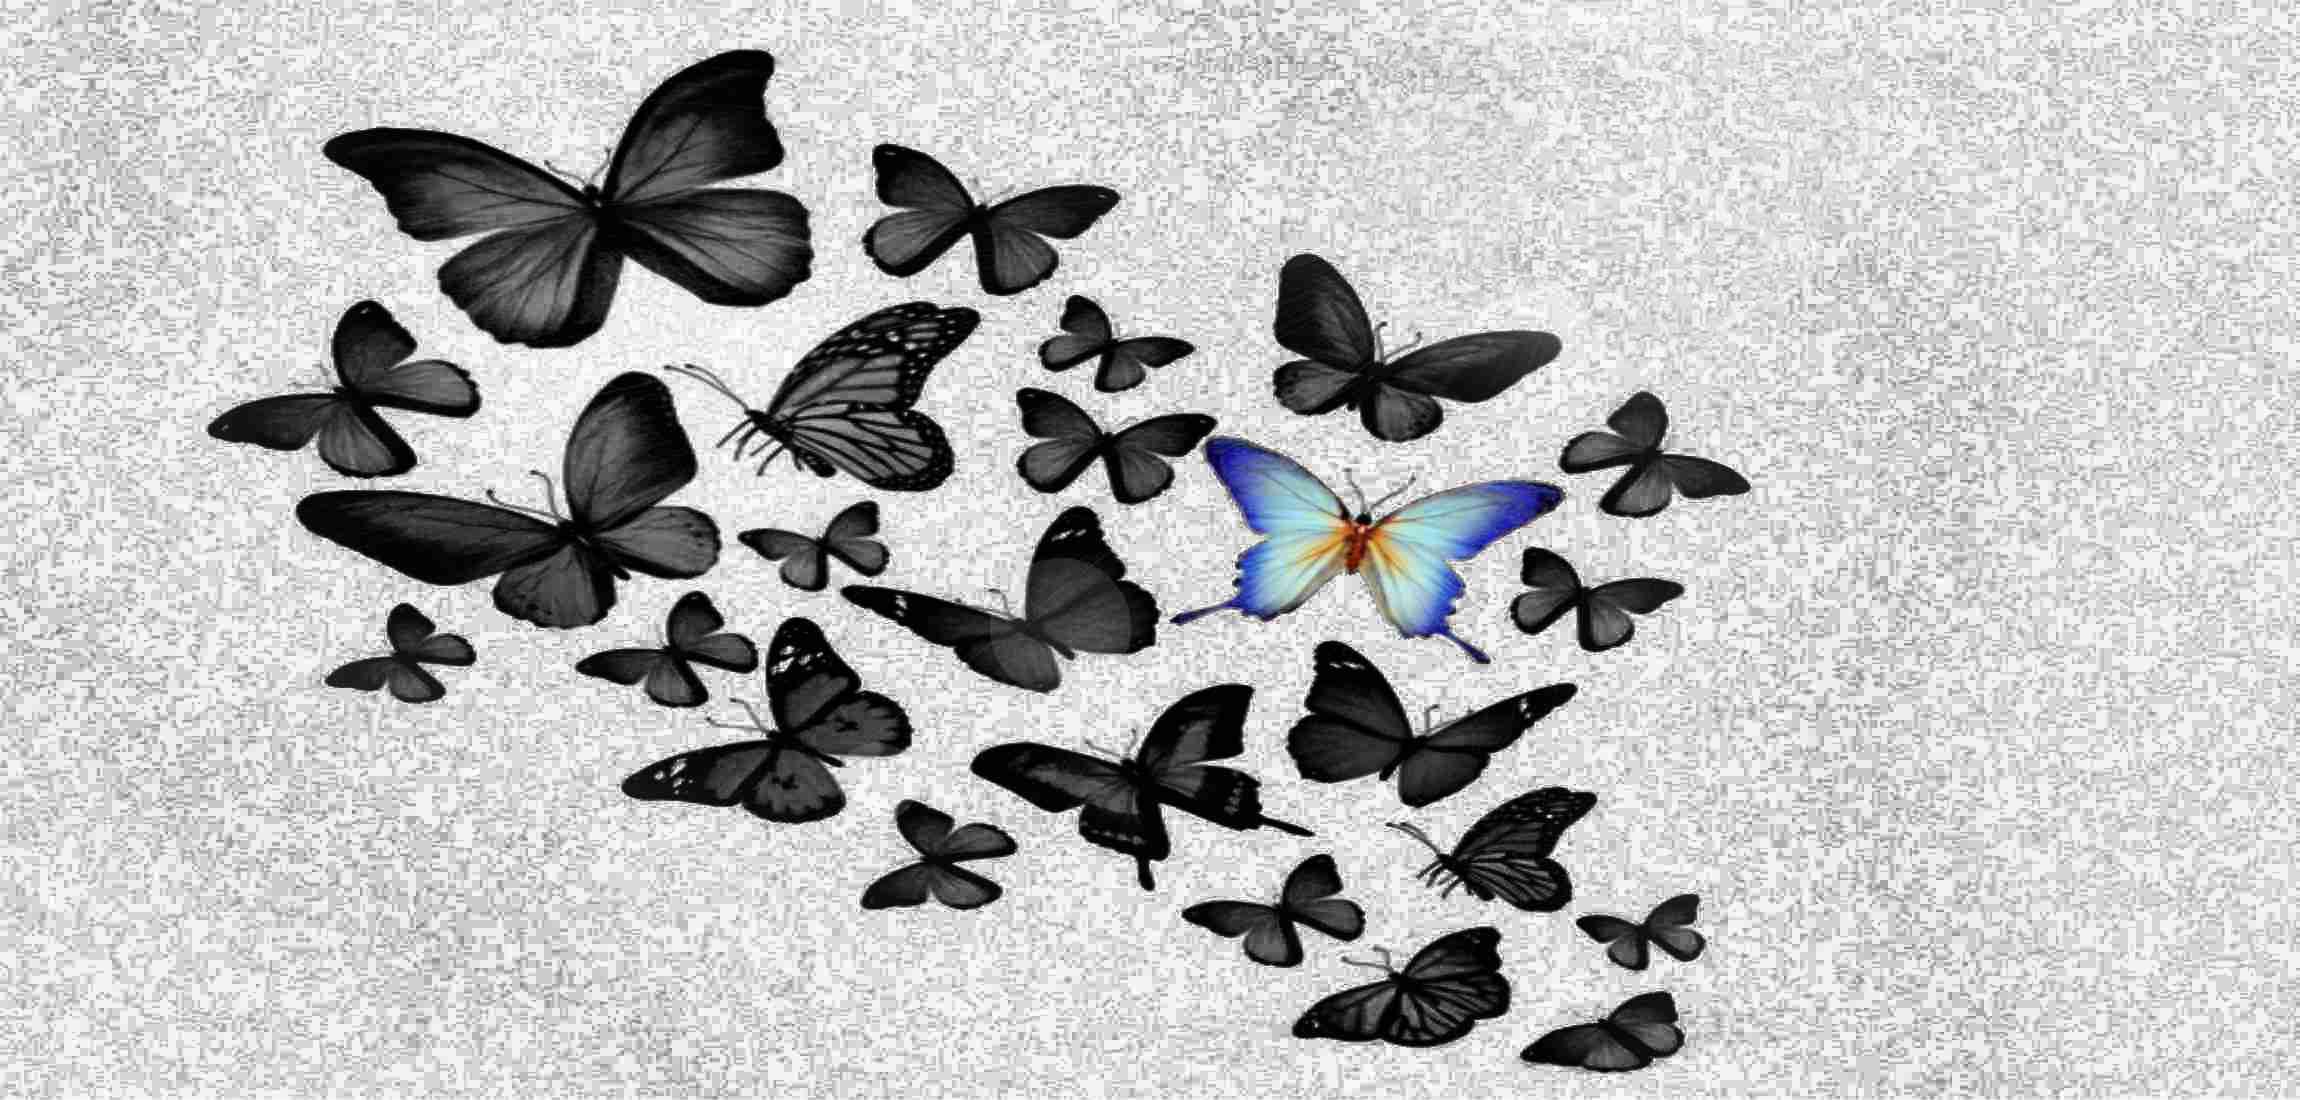 Vlinders symbolisen het doel van deze website.